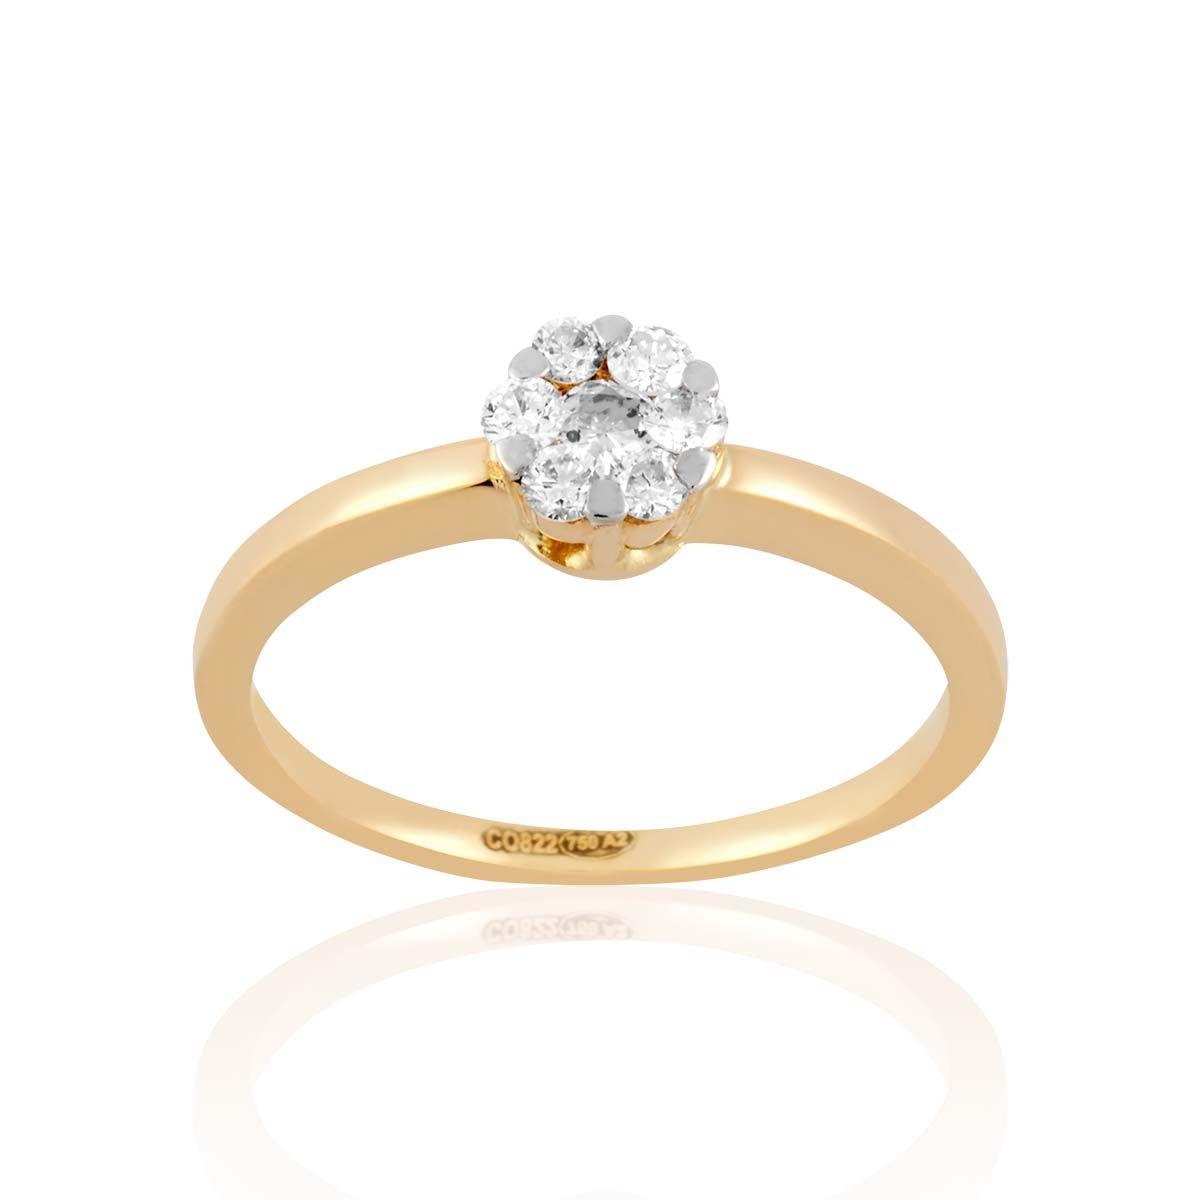 Bague en Or 750/1000 Jaune et Diamant Blanc